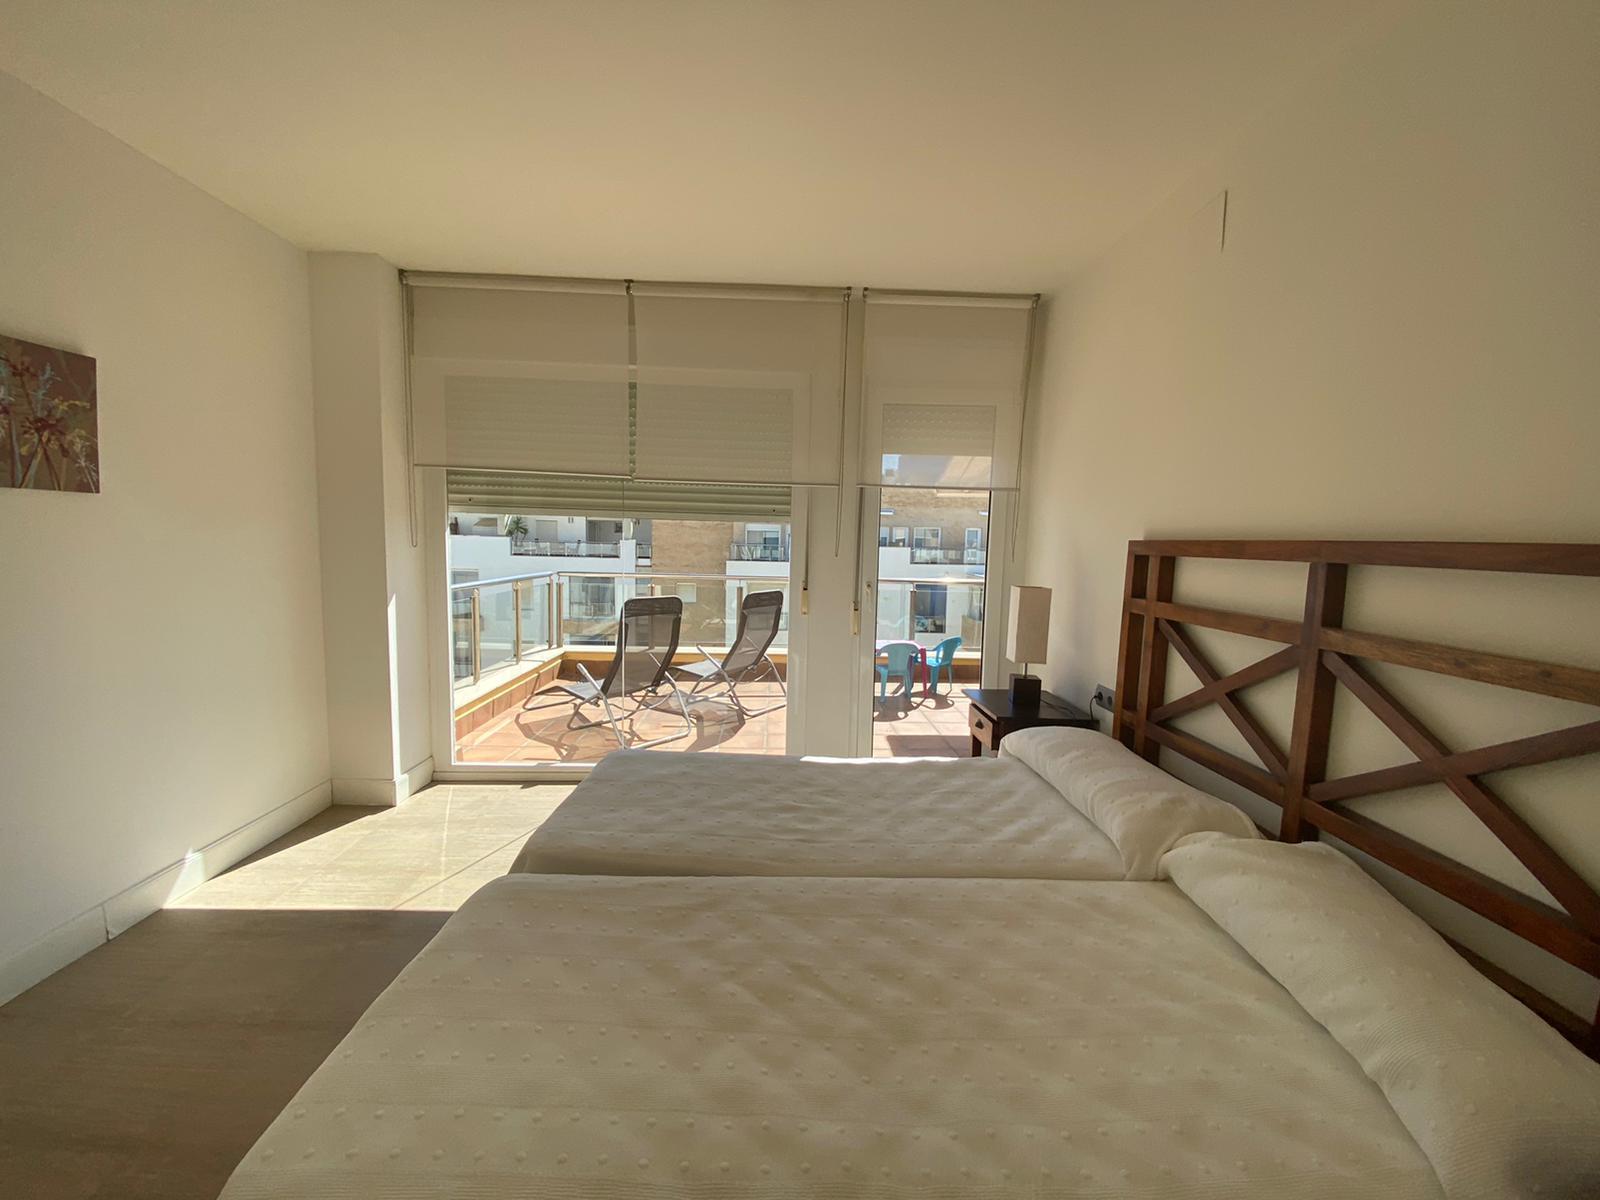 Imagen 25 del Apartamento Turístico, Ático 1 Central (3d+2b), Punta del Moral (HUELVA), Paseo de la Cruz nº22